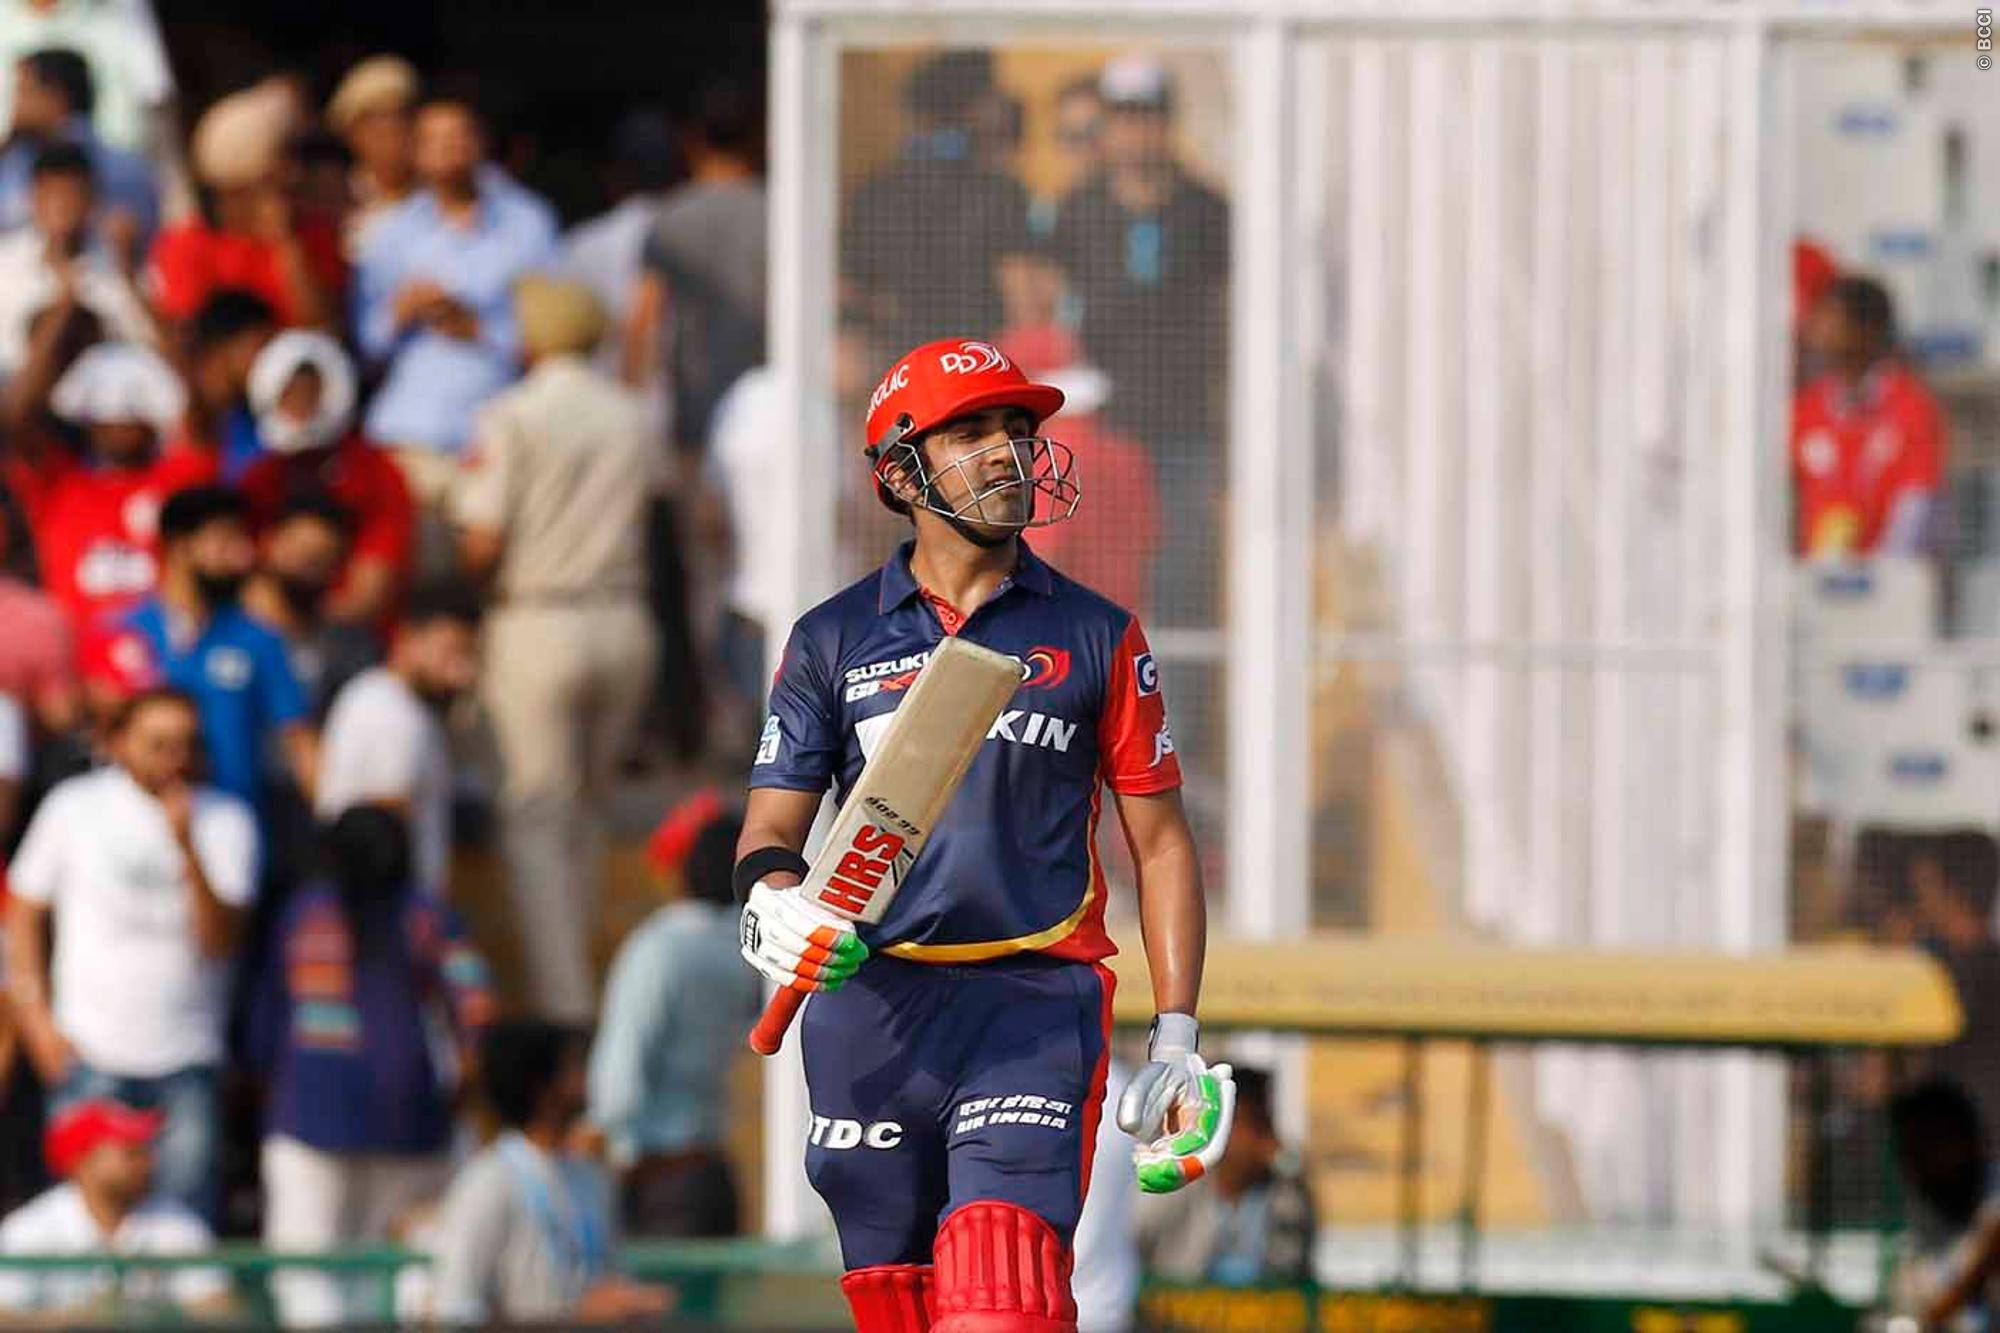 बड़ी खबर: पैसे के लिए देश और सम्मान के लिए खेलता है यह दिग्गज भारतीय, आईपीएल 2018 के लिए अपनी टीम से नहीं लेगा 1 भी रूपये फ़ीस 3